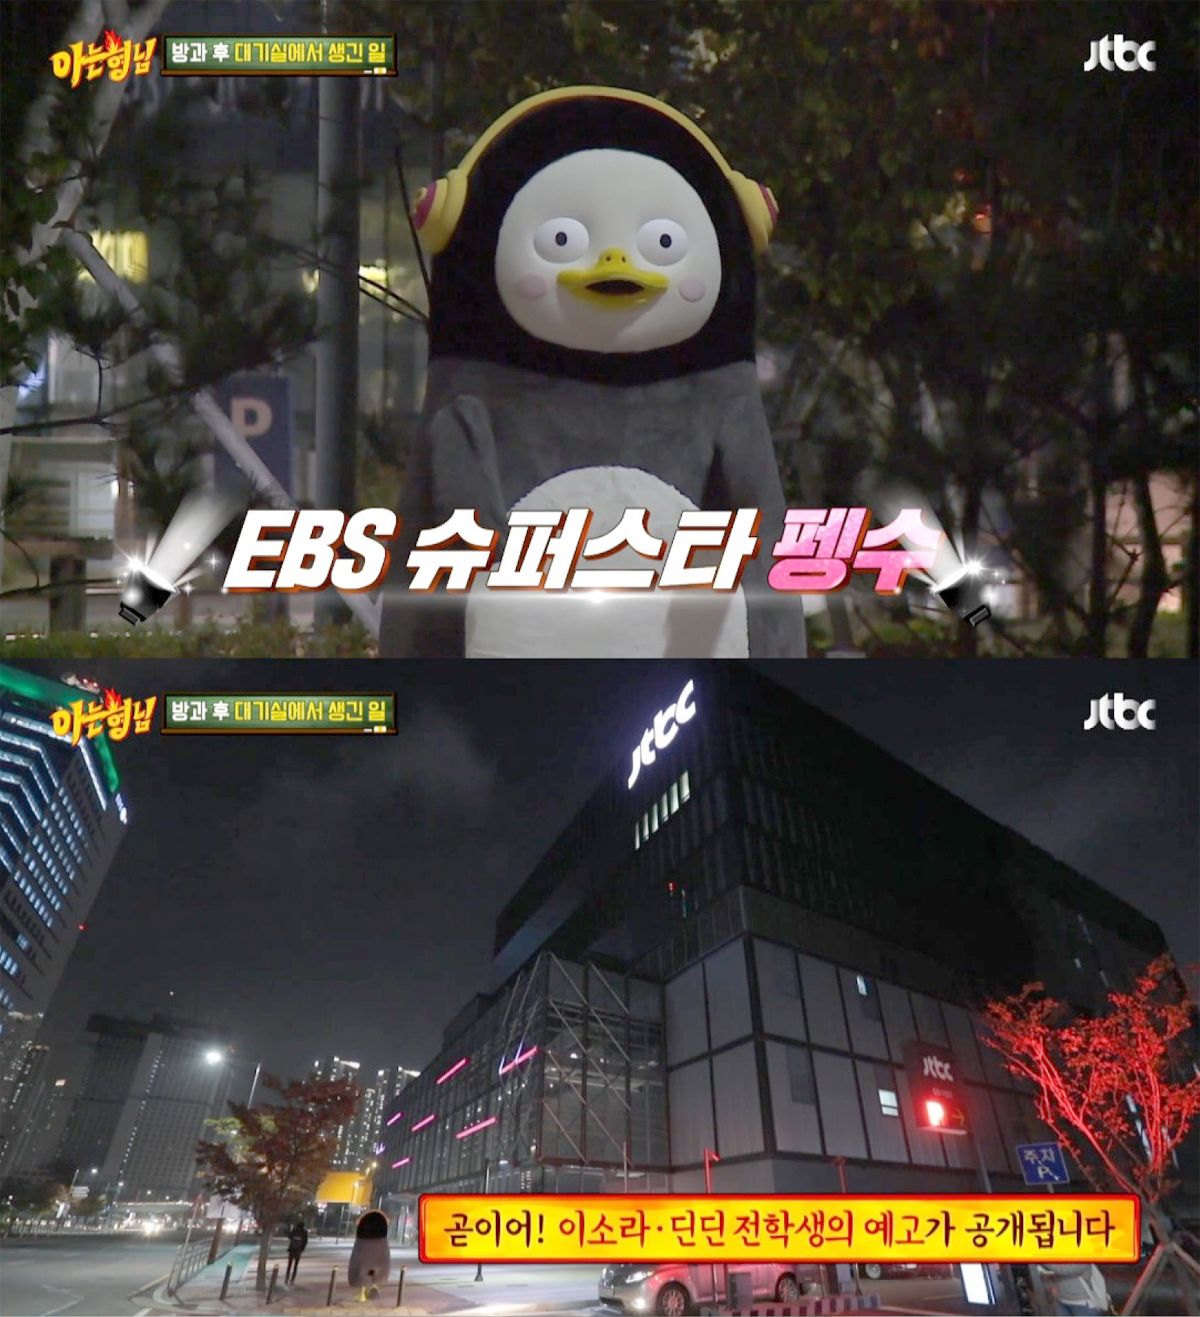 지난 9일 '아는형님' 예고편에 펭수가 등장했다. [JTBC 캡처]